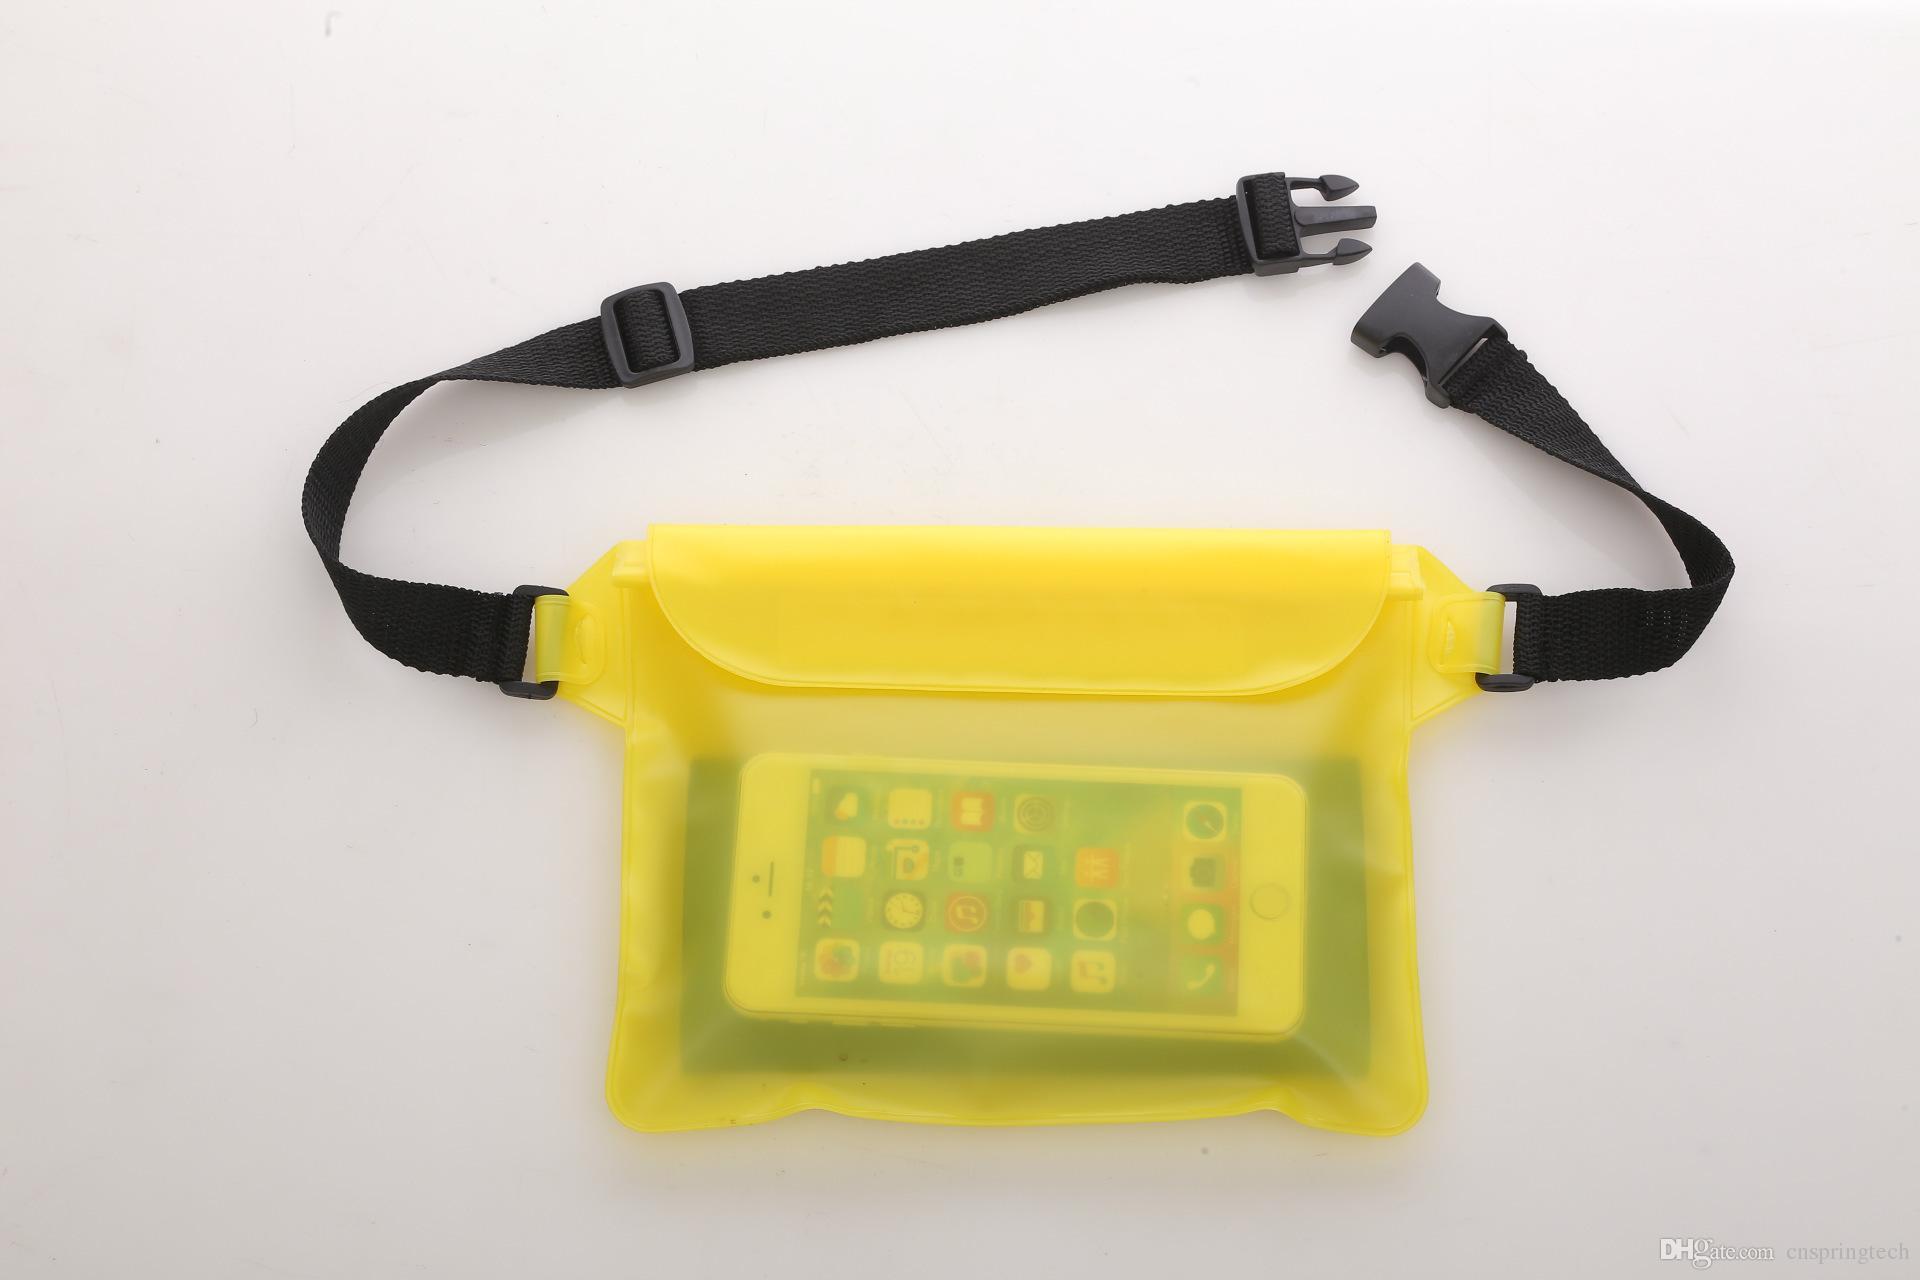 كيس ماء الحقيبة حقيبة الجاف لتغطية الهاتف الخليوي كبيرة الحجم ل X 7 8 سامسونج S8 HTC الحرة الشحن وصول جديد